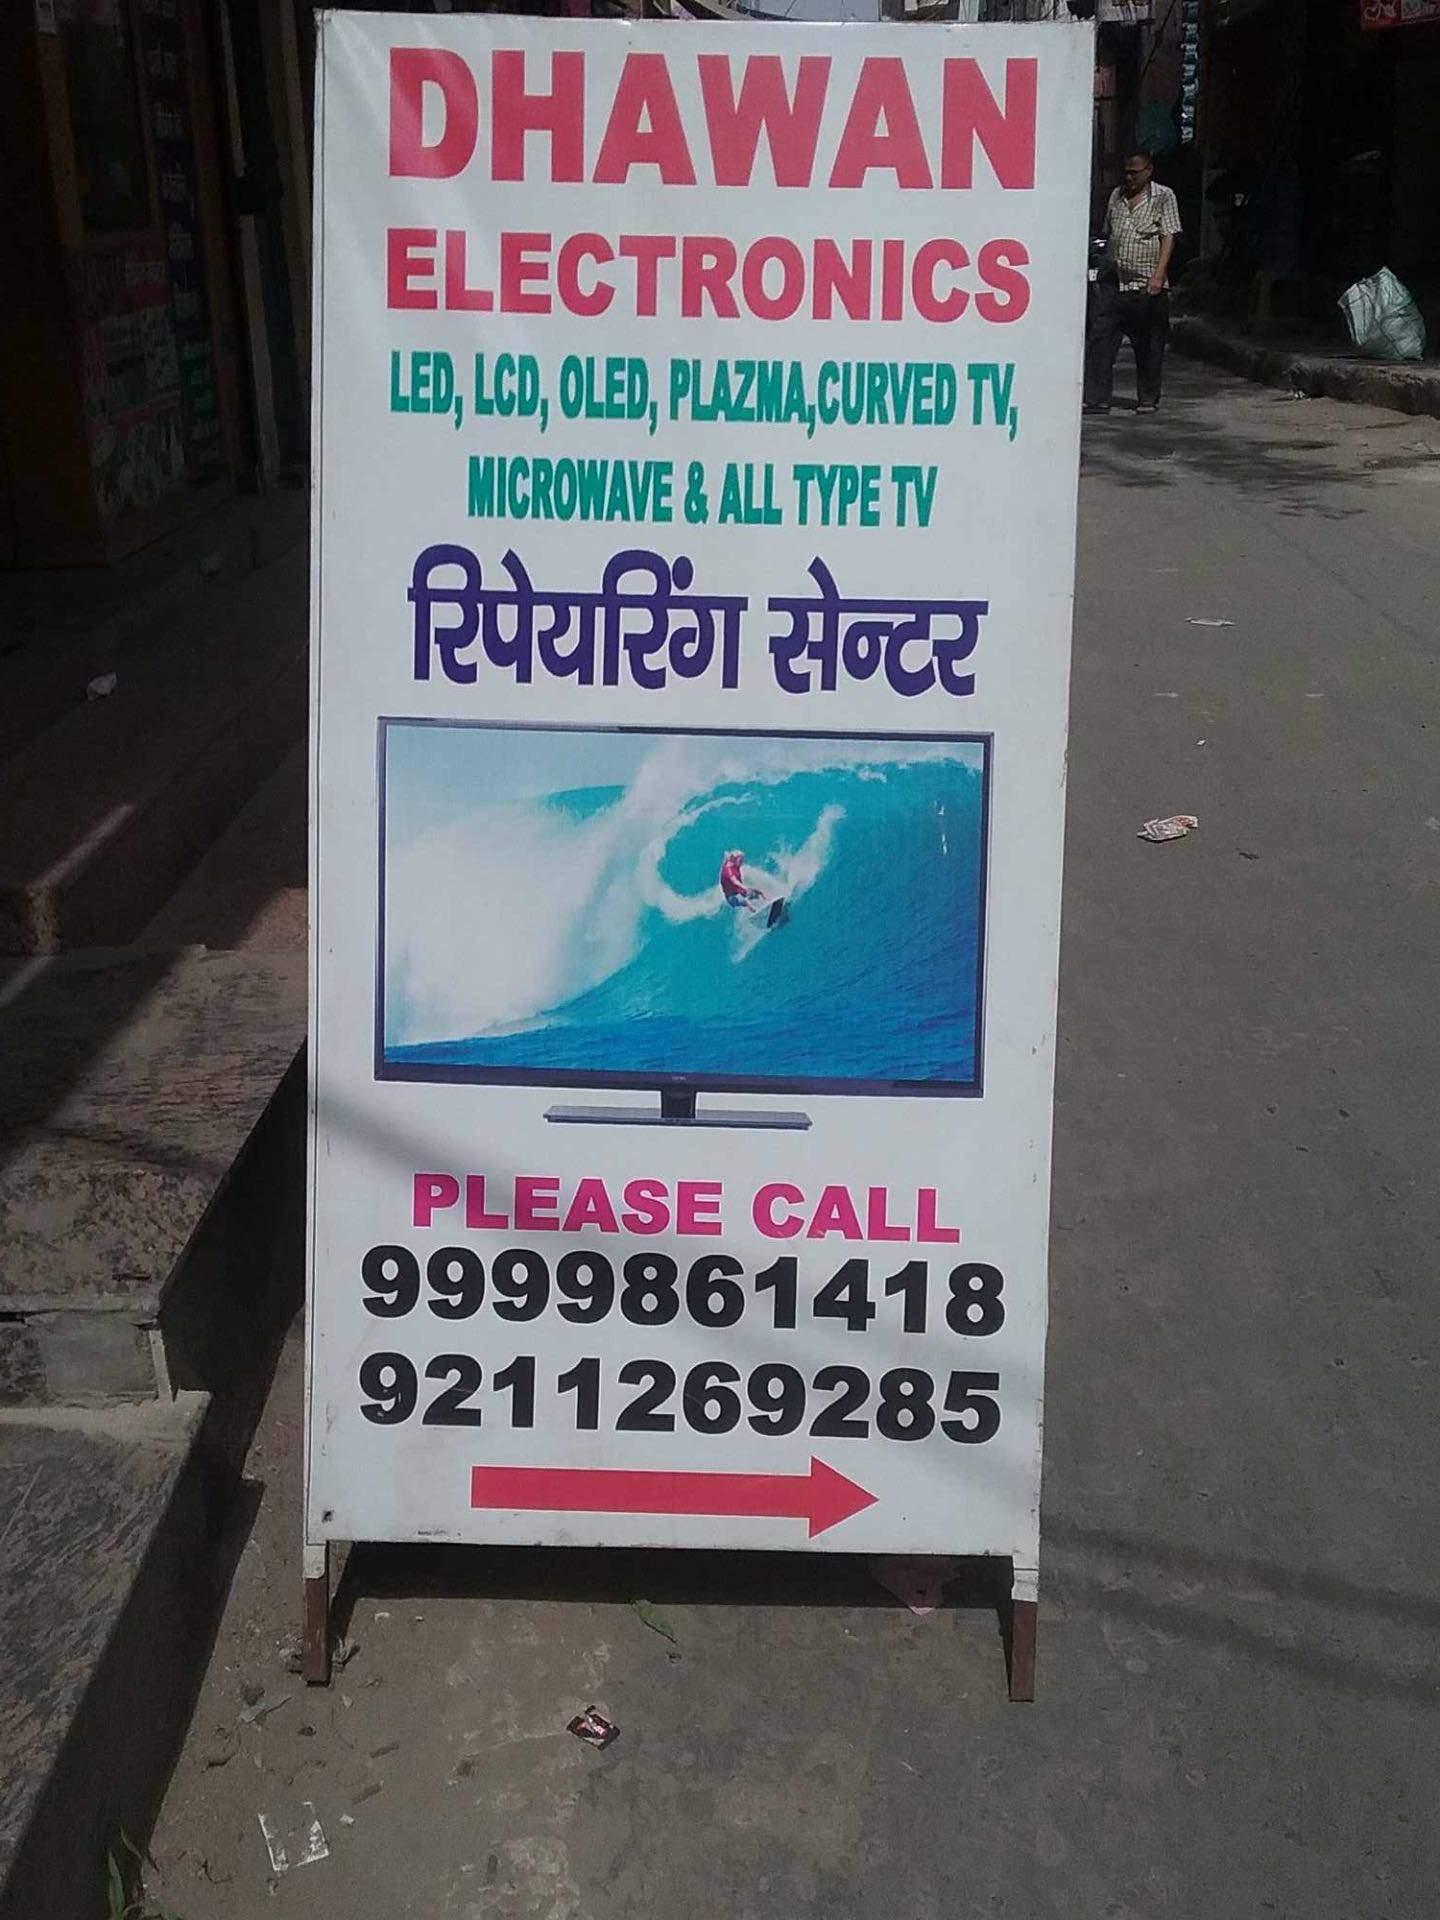 Top 100 LCD TV Repair in Delhi - Best TV Repair & Services - Justdial